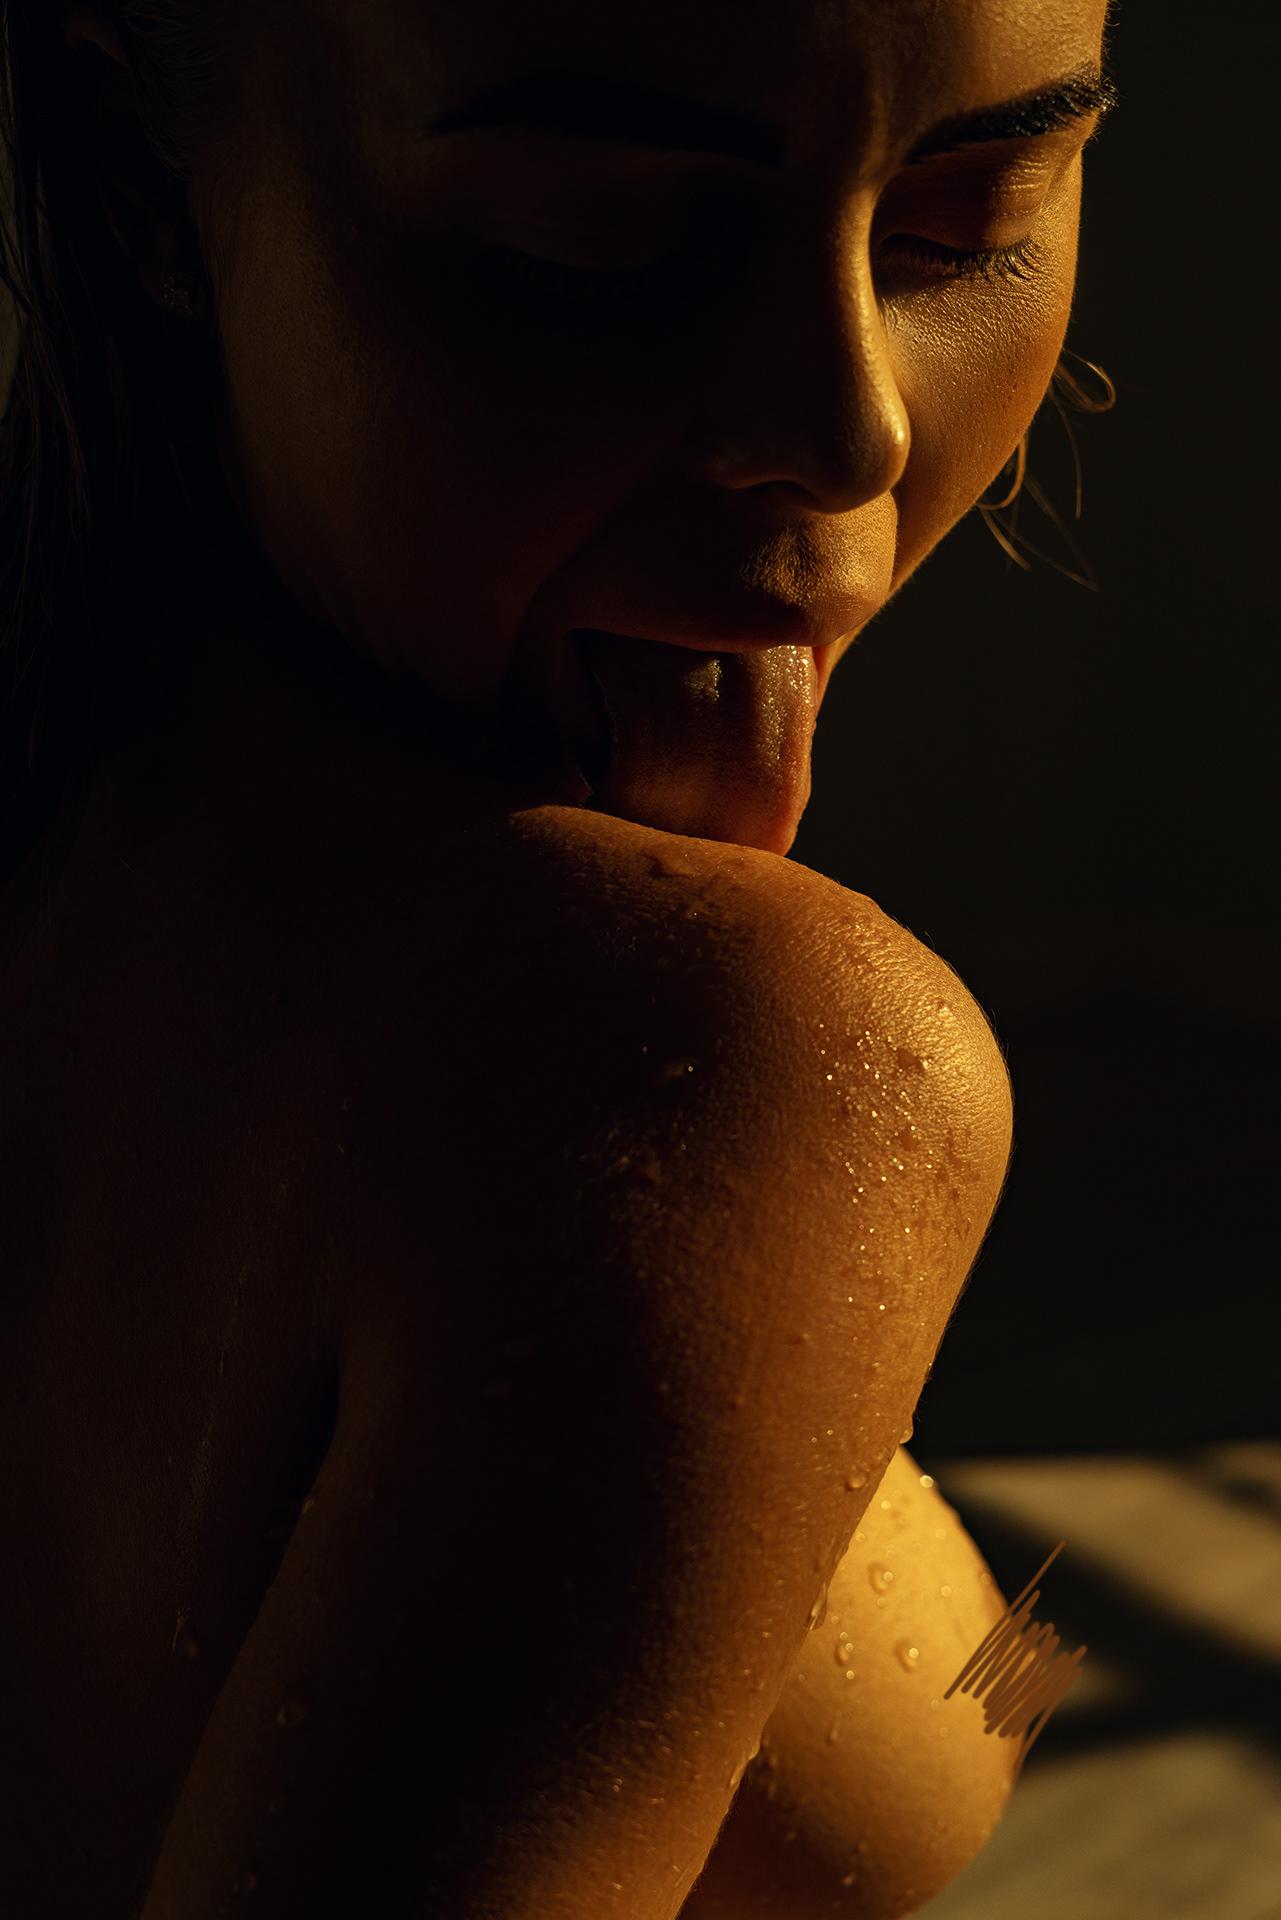 Wet / фотограф Артур Каплун